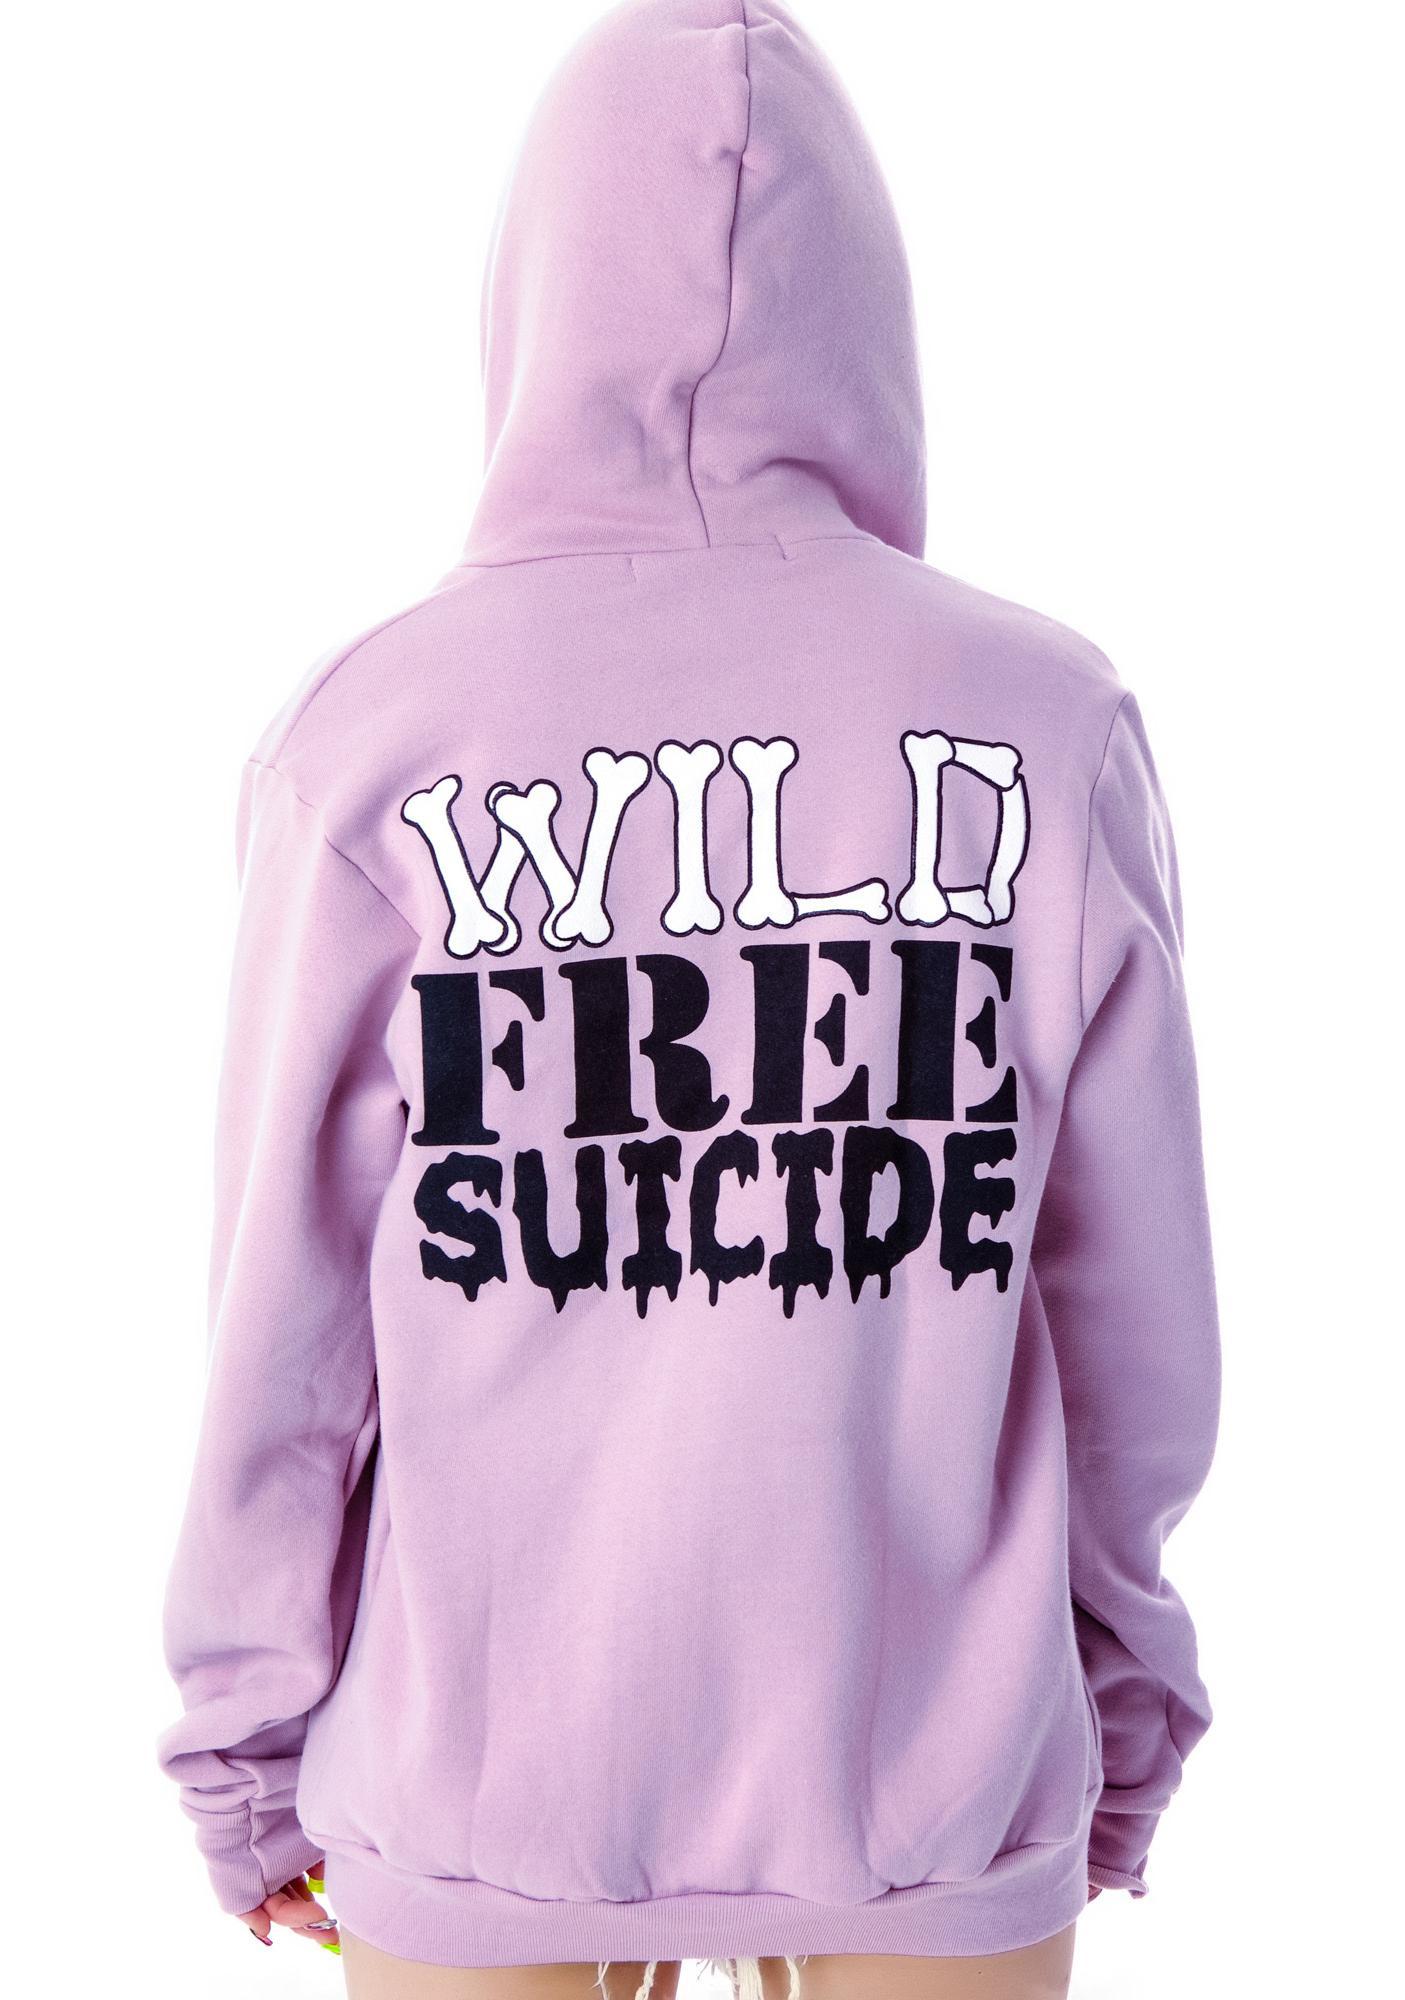 High Heels Suicide Wild Free Suicide Hoodie